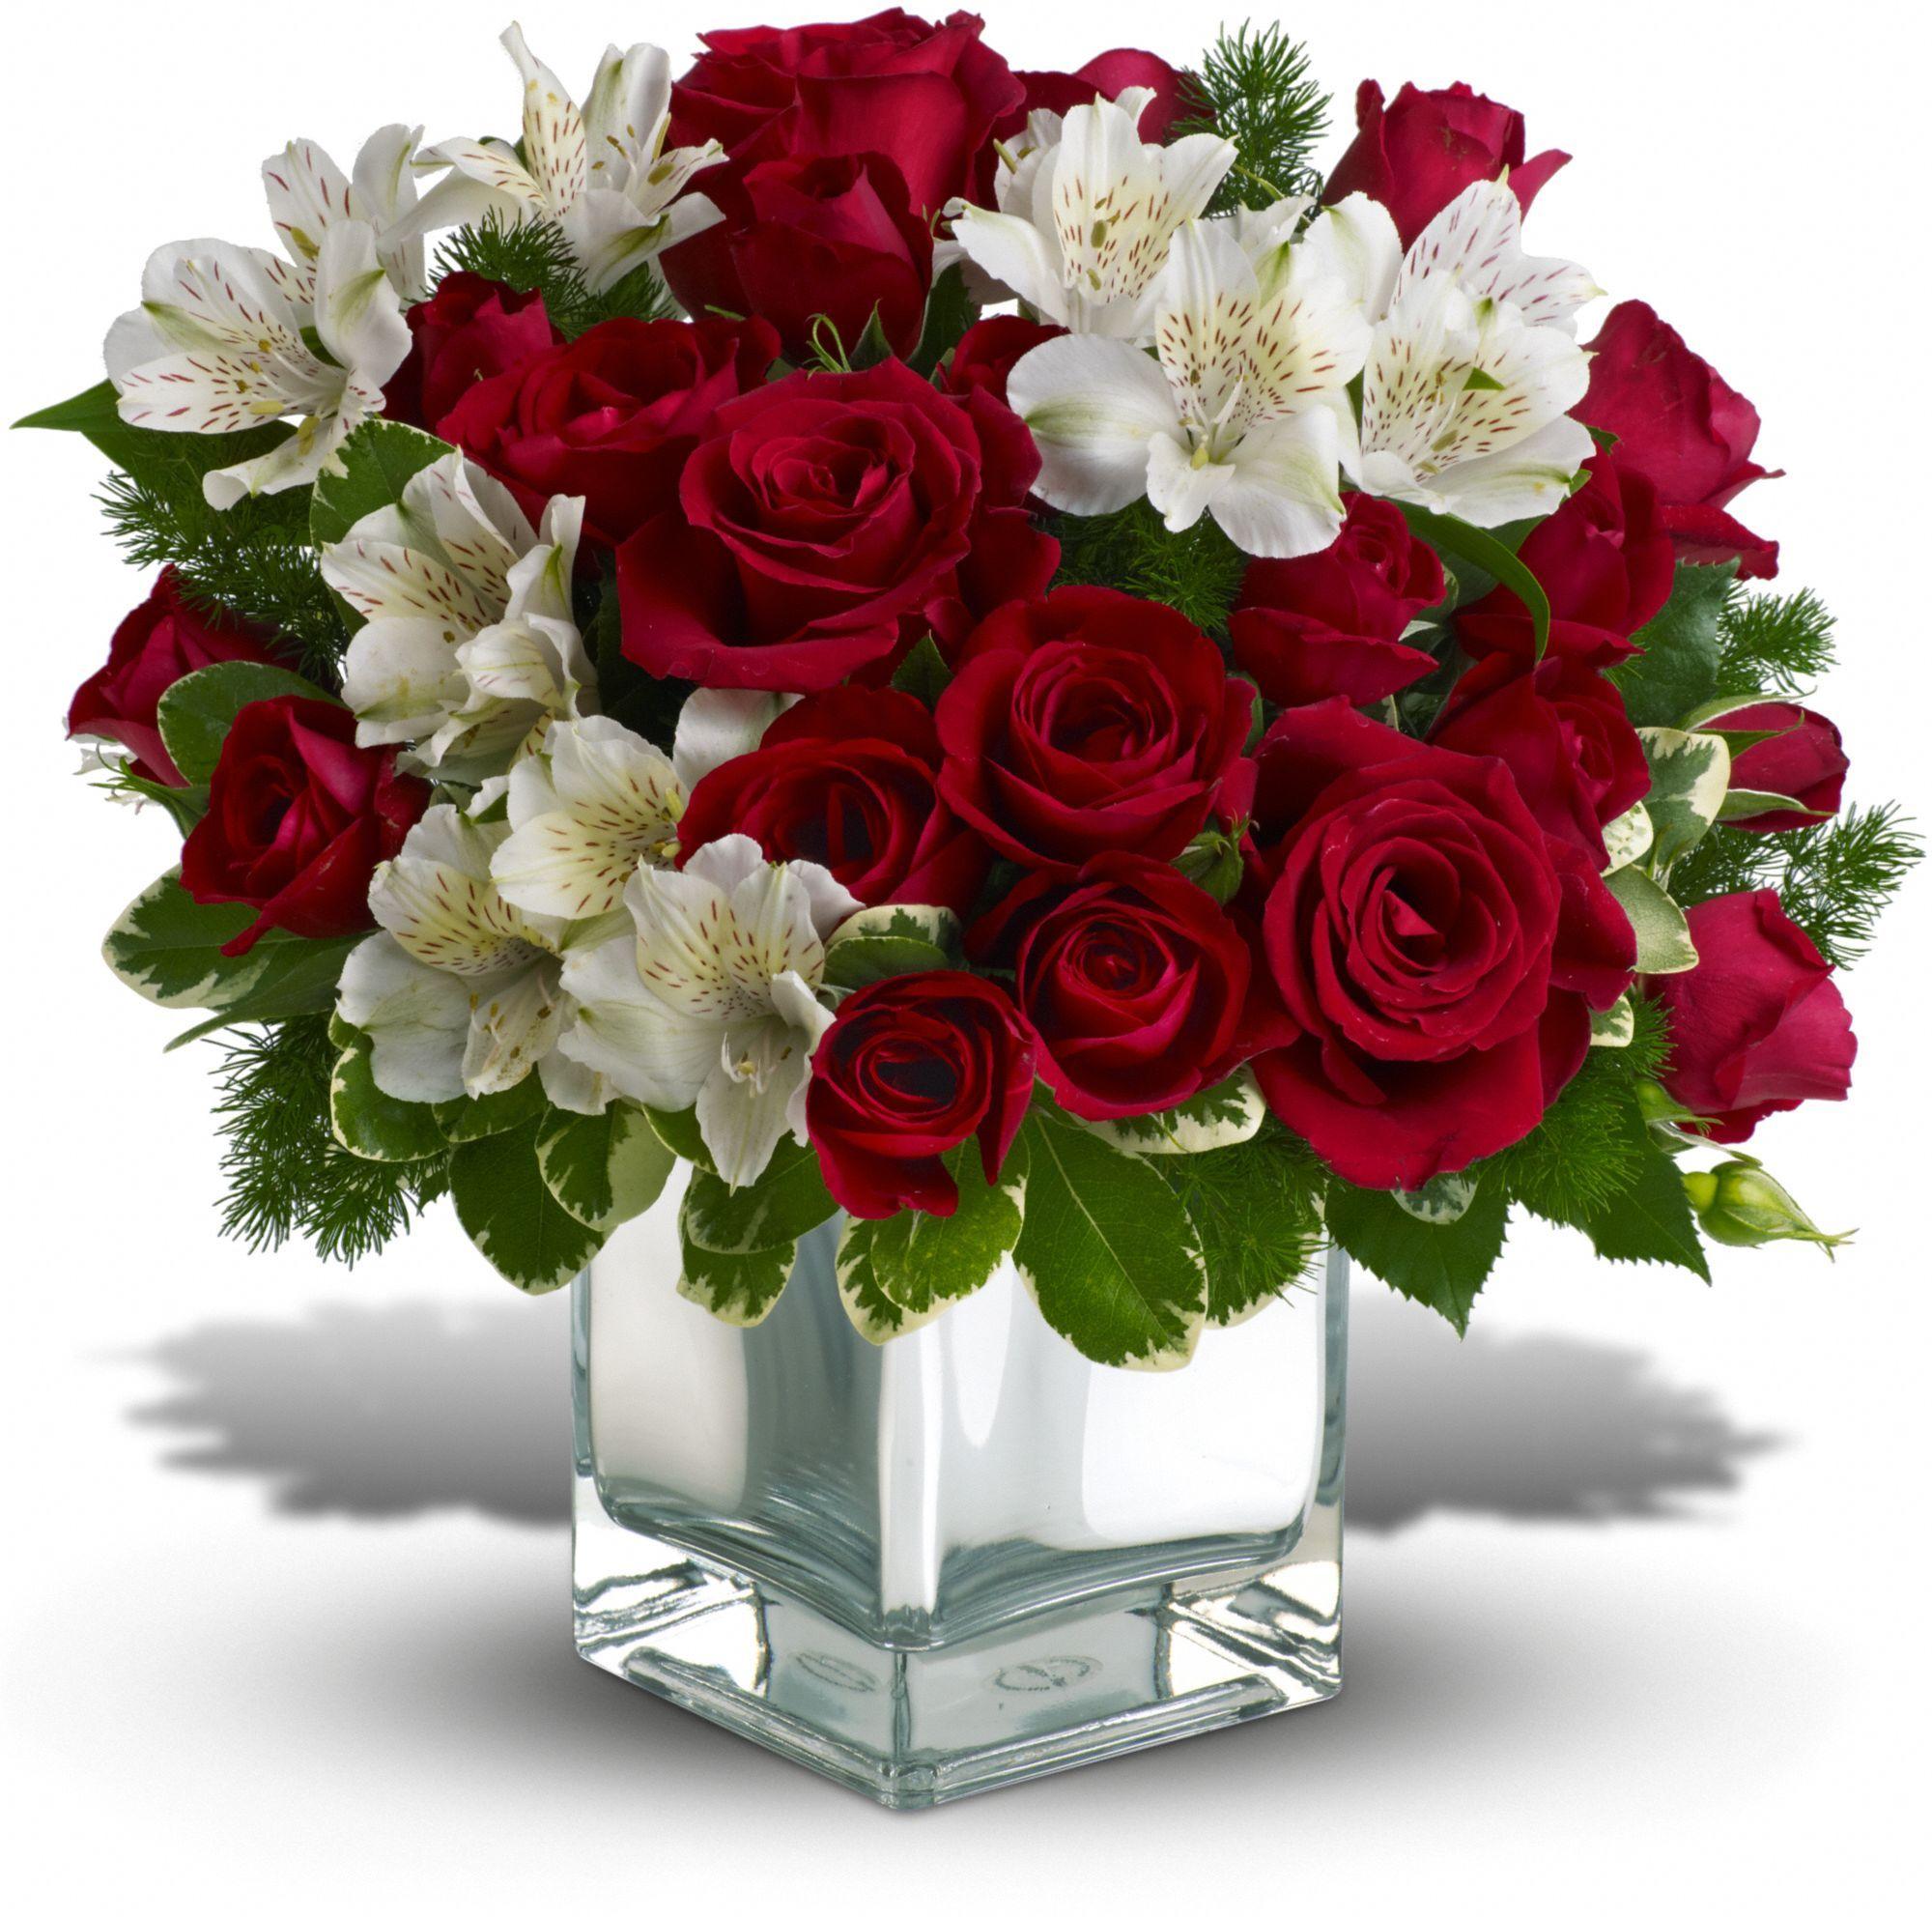 O Elegante Arranjo De Flor De Natal Inclui Rosas Vermelhas